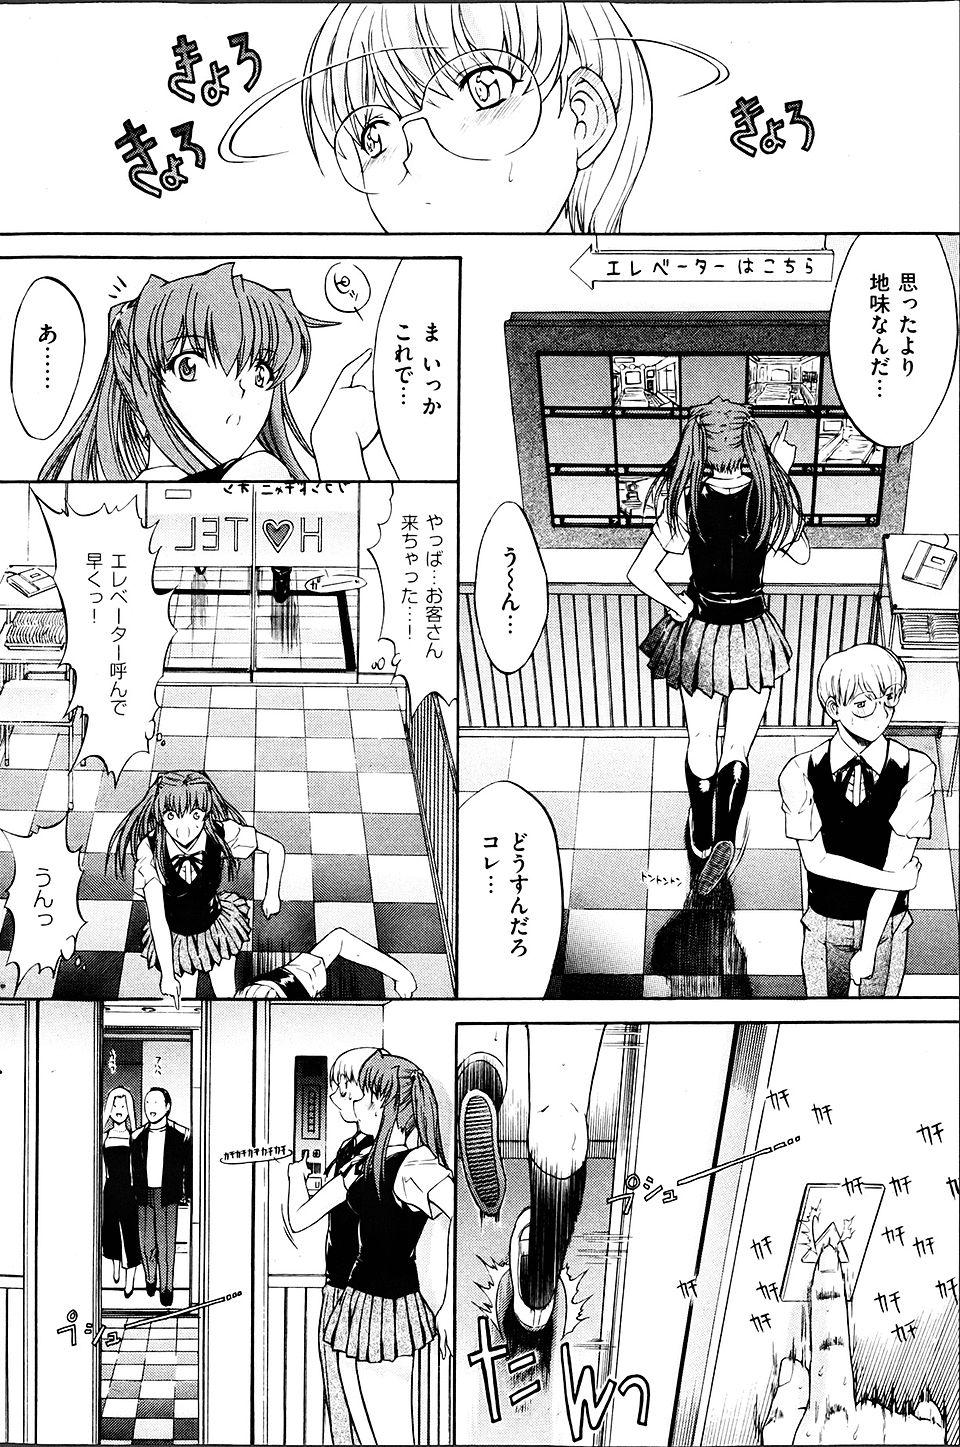 【エロ漫画】ラブホテルでJKは制服姿のままで同級生とたっぷりエッチを楽しんで絶叫してます♪【無料 エロ同人】